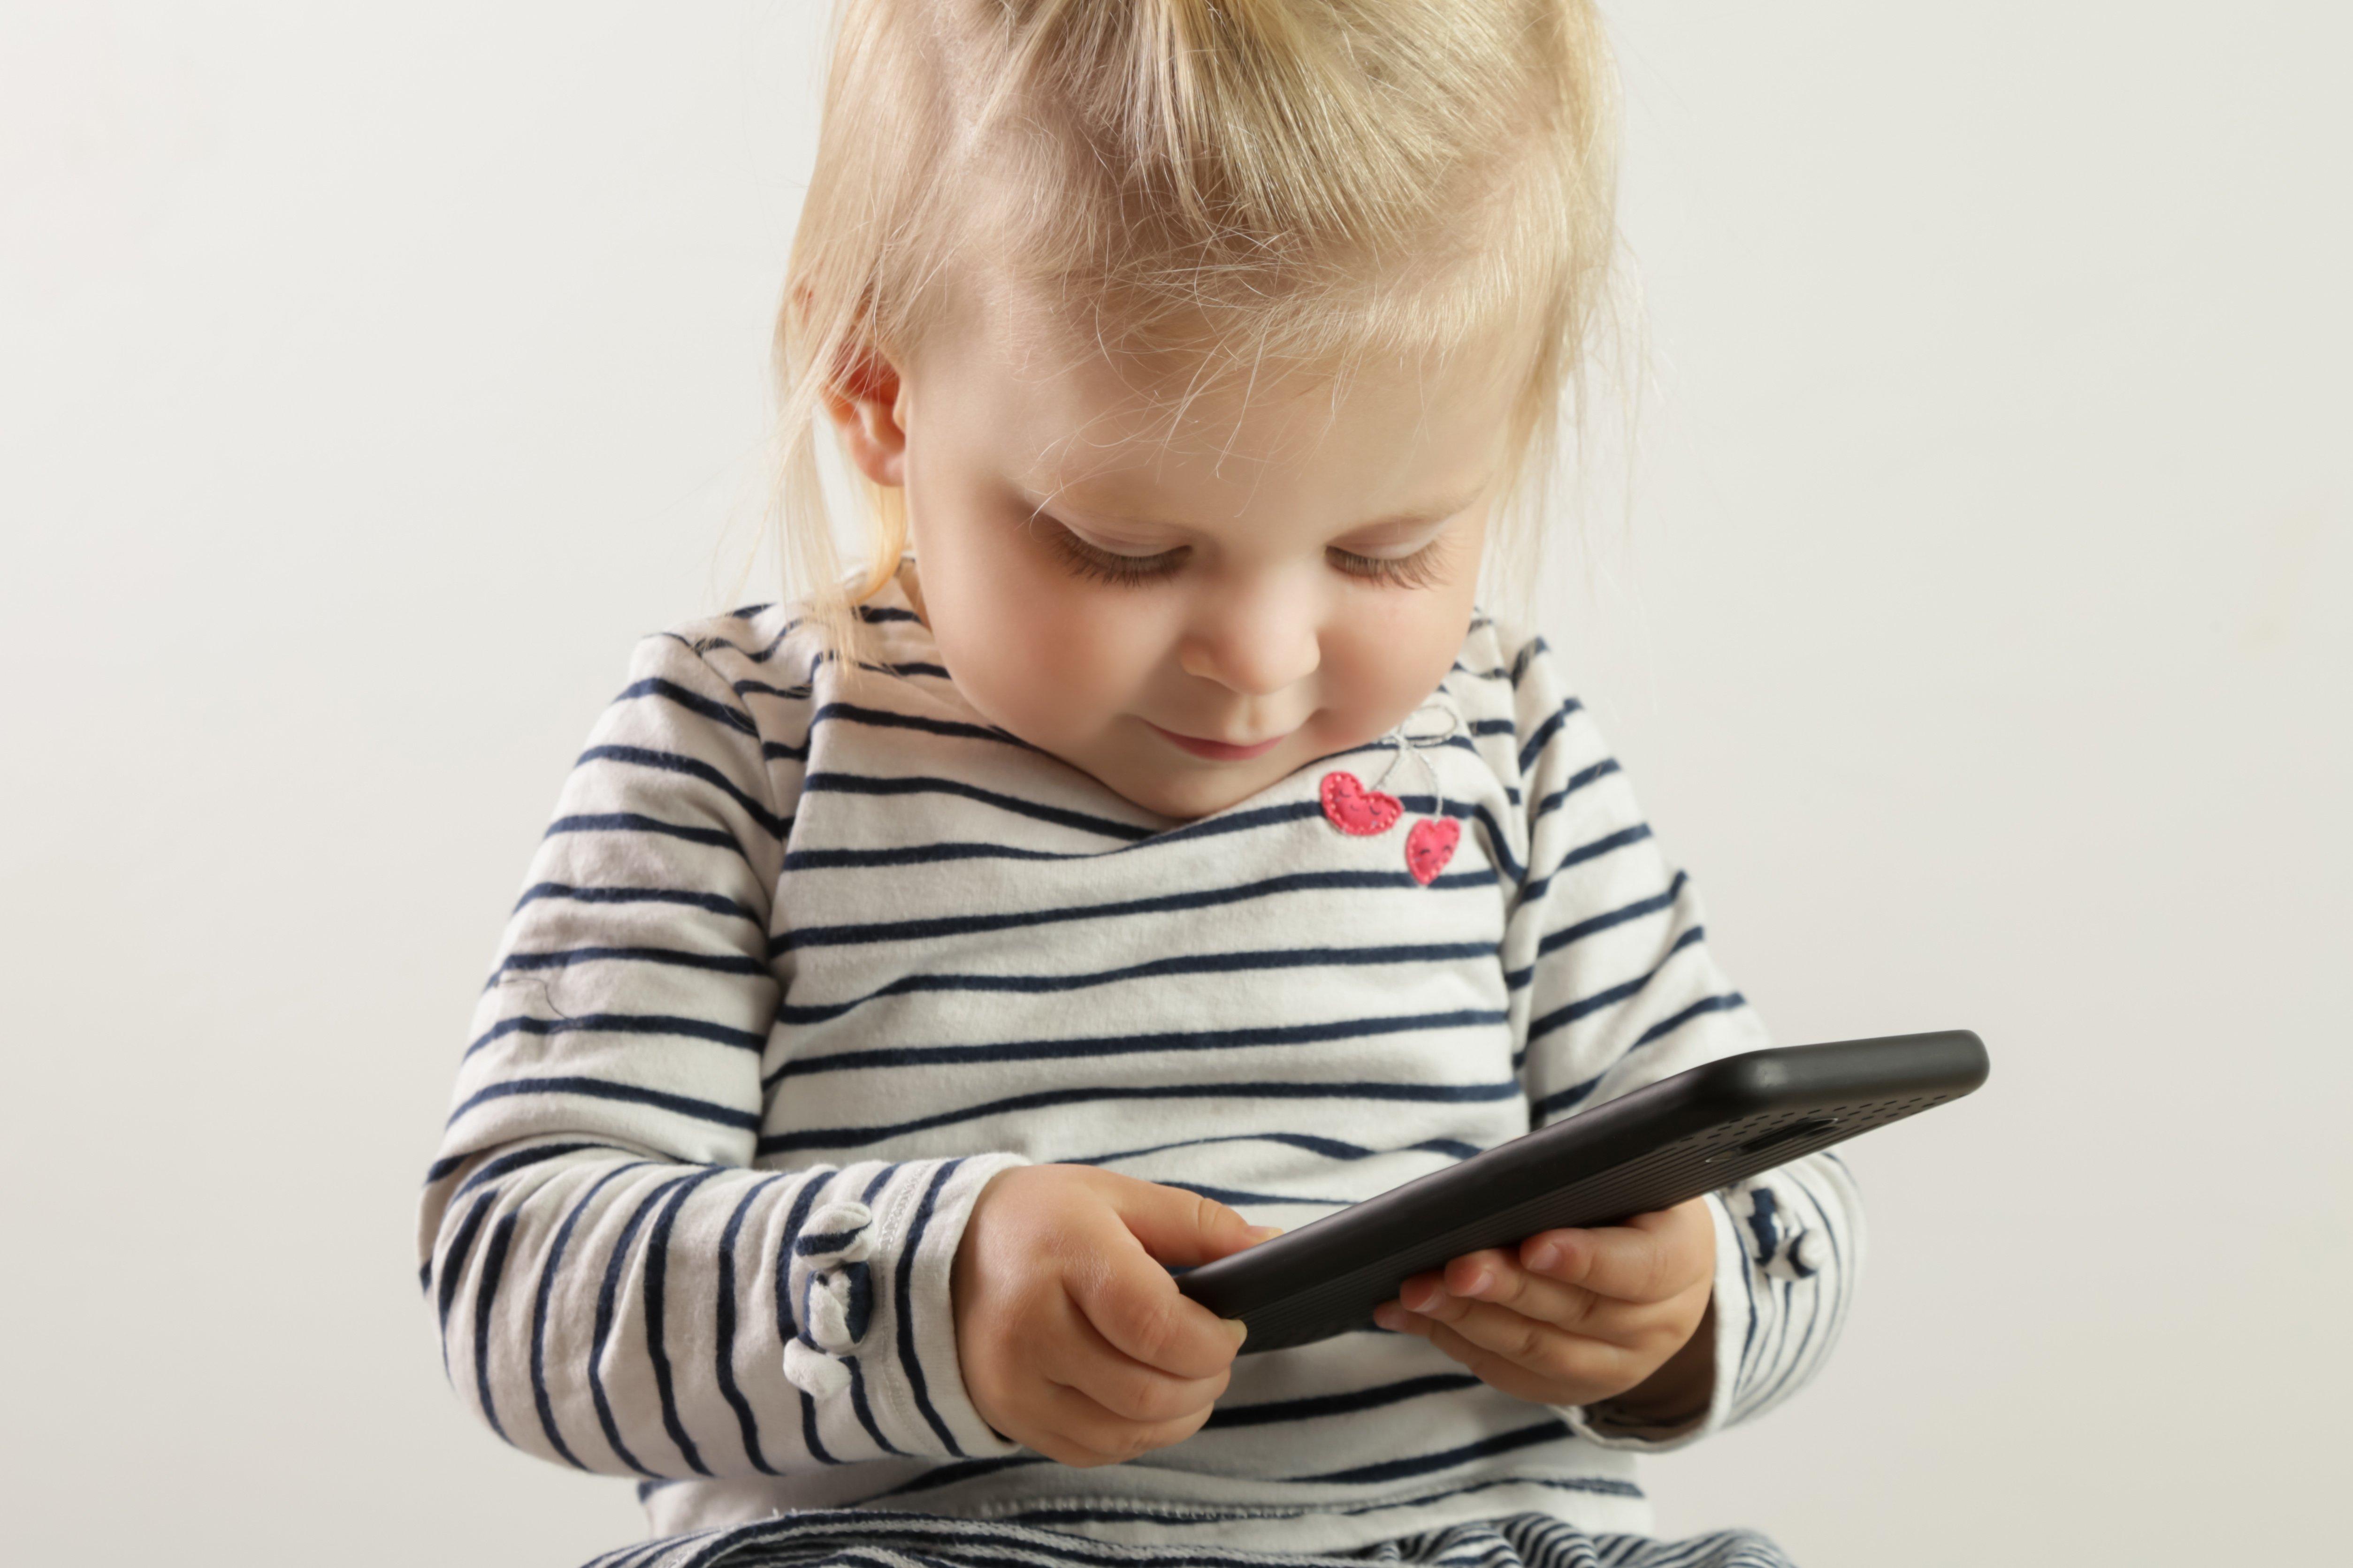 kleines mädchen spielt am smartphone